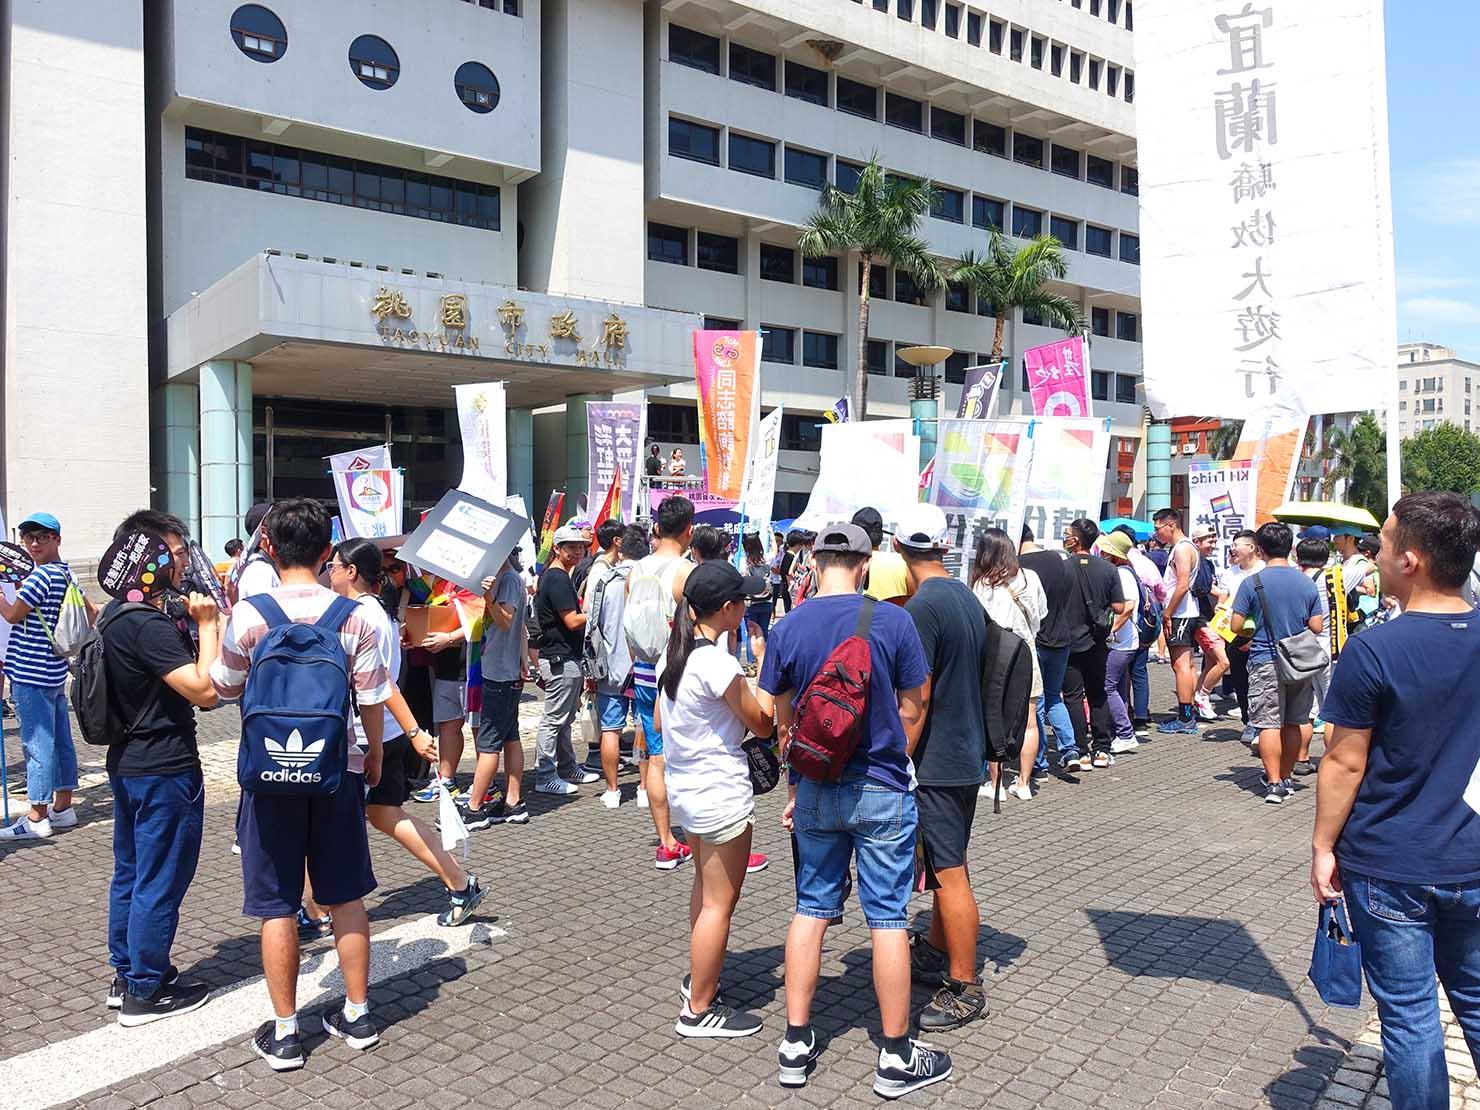 台湾・桃園のLGBTプライド「桃園彩虹野餐日」2020のスタート地点となった桃園市政府前